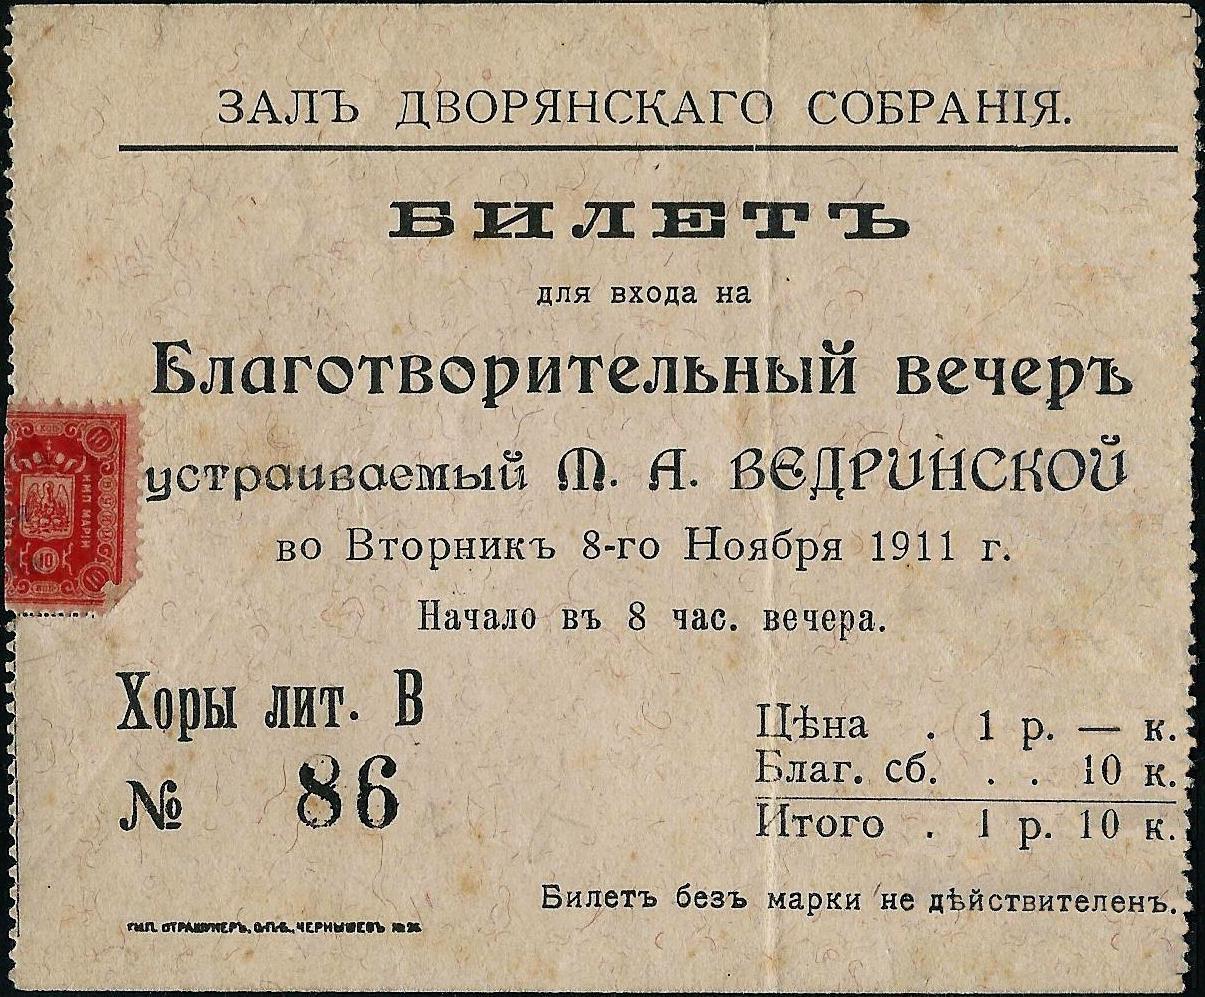 Зал Дворянского Собрания. Билет для входа на Благотворительный вечер устраиваемый М.А. Ведринской. 1911